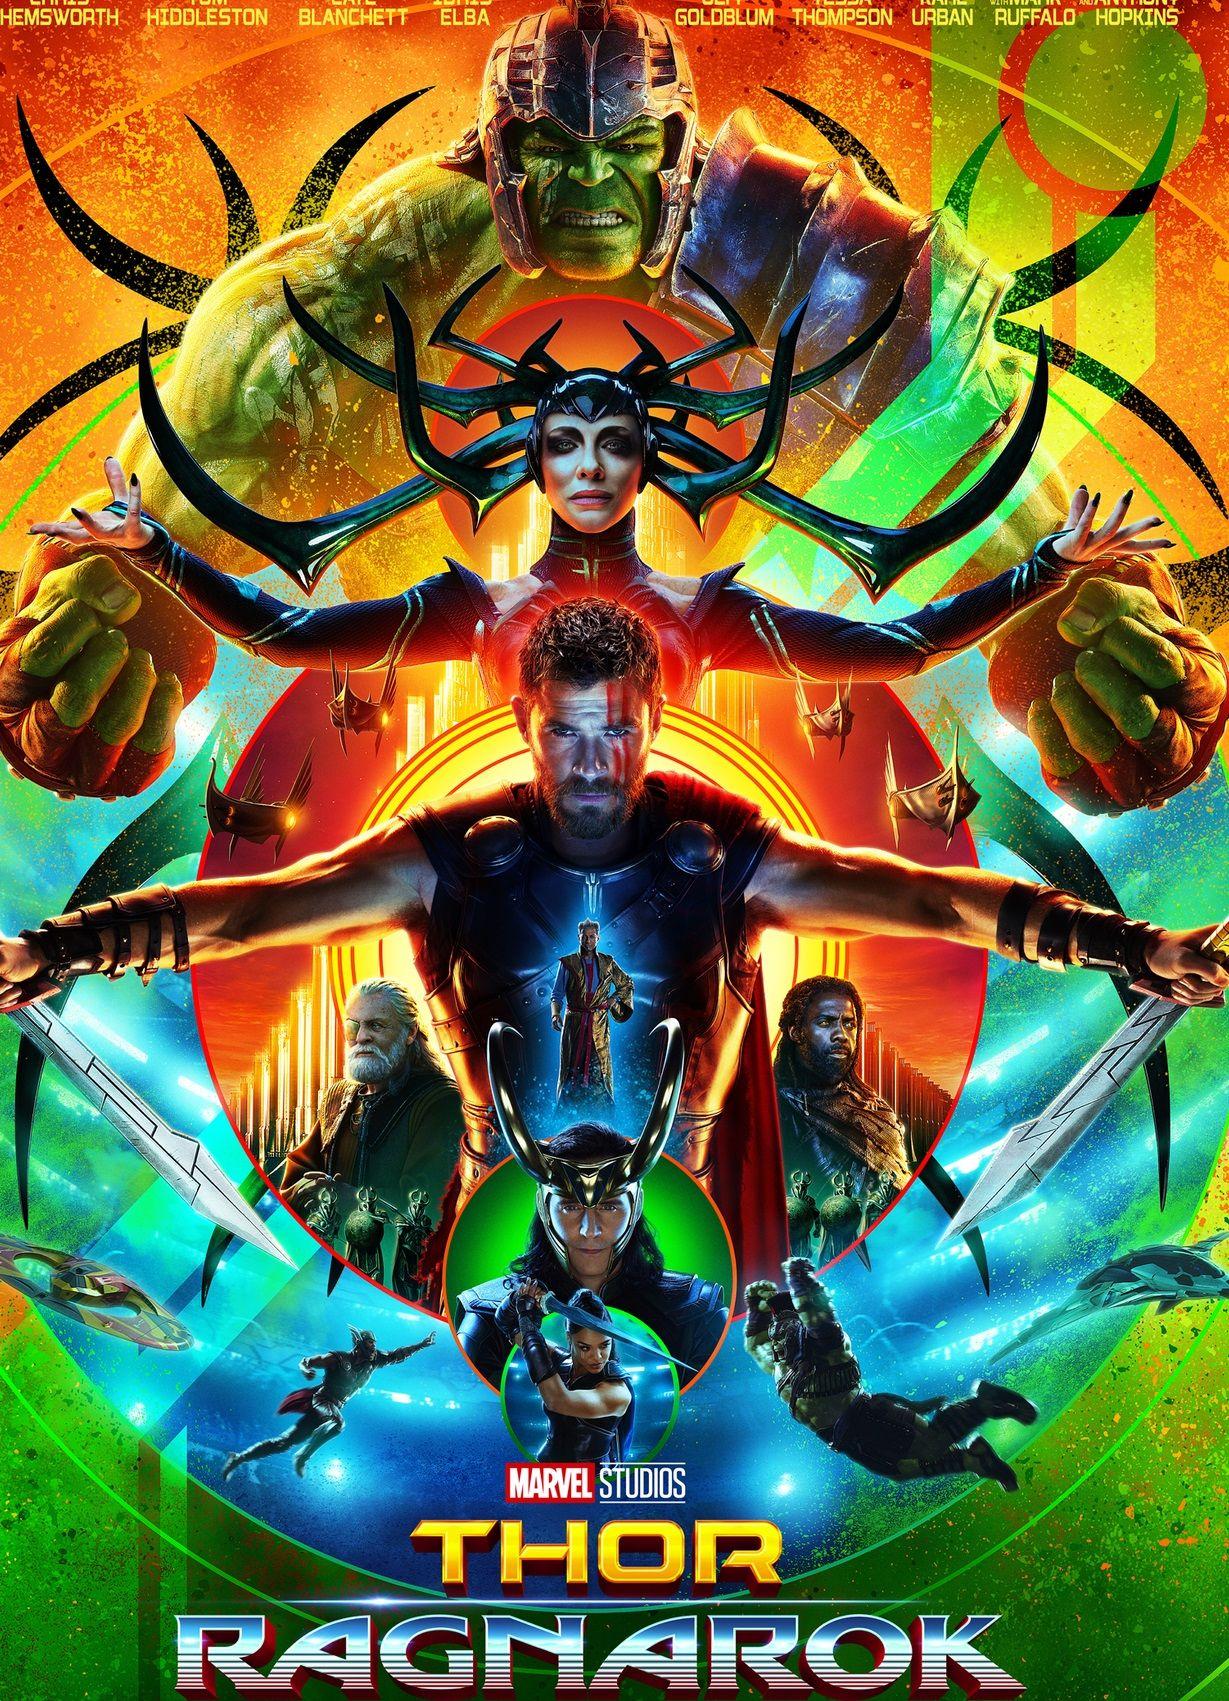 Ragnarok in 2020 Villain, netflix series, Hunt